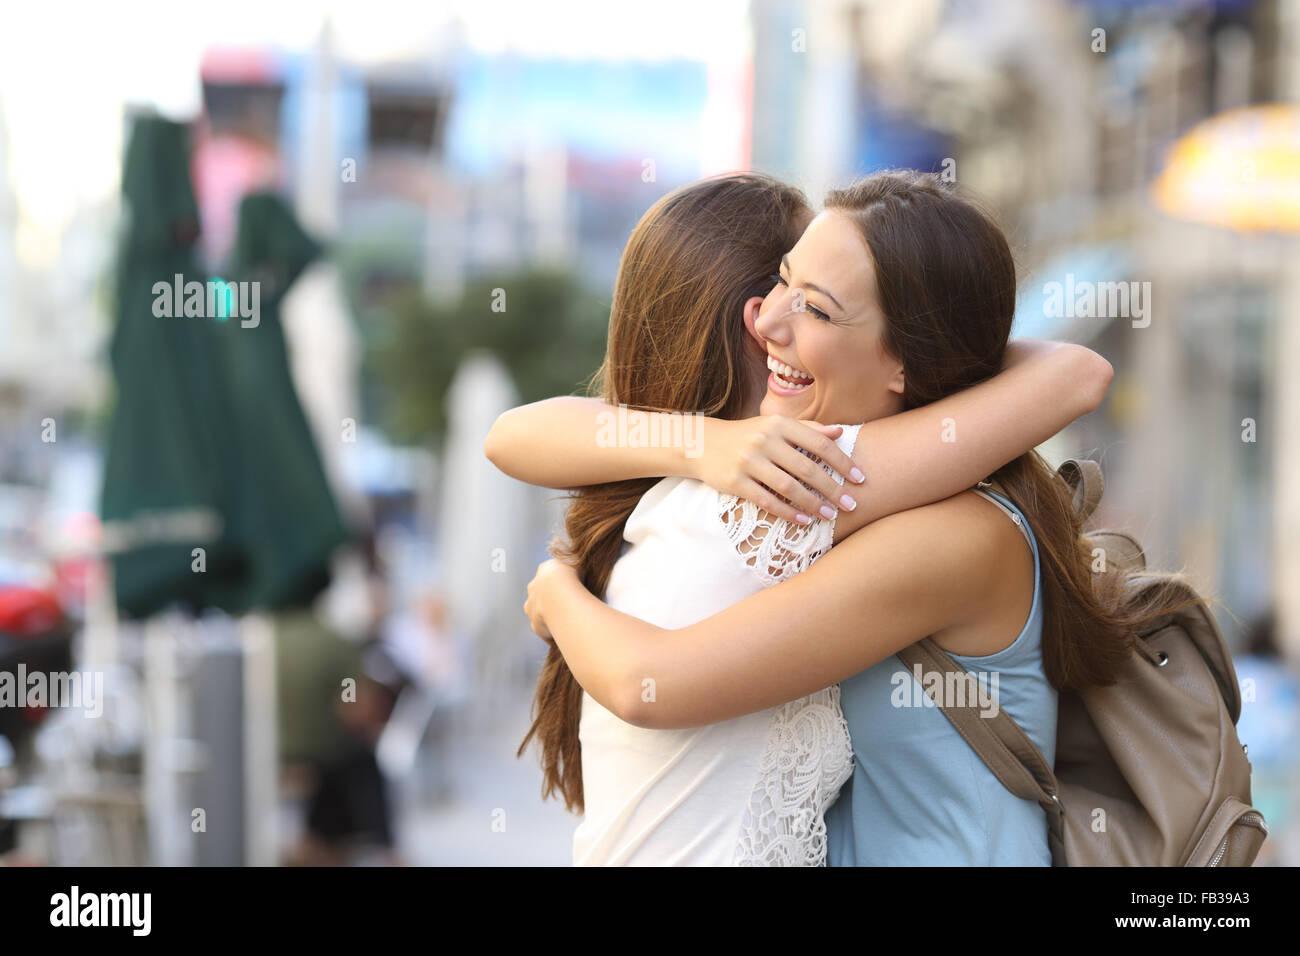 Hilo Chat para hablar de todo. - Página 2 Feliz-encuentro-de-dos-amigos-abrazos-en-la-calle-fb39a3